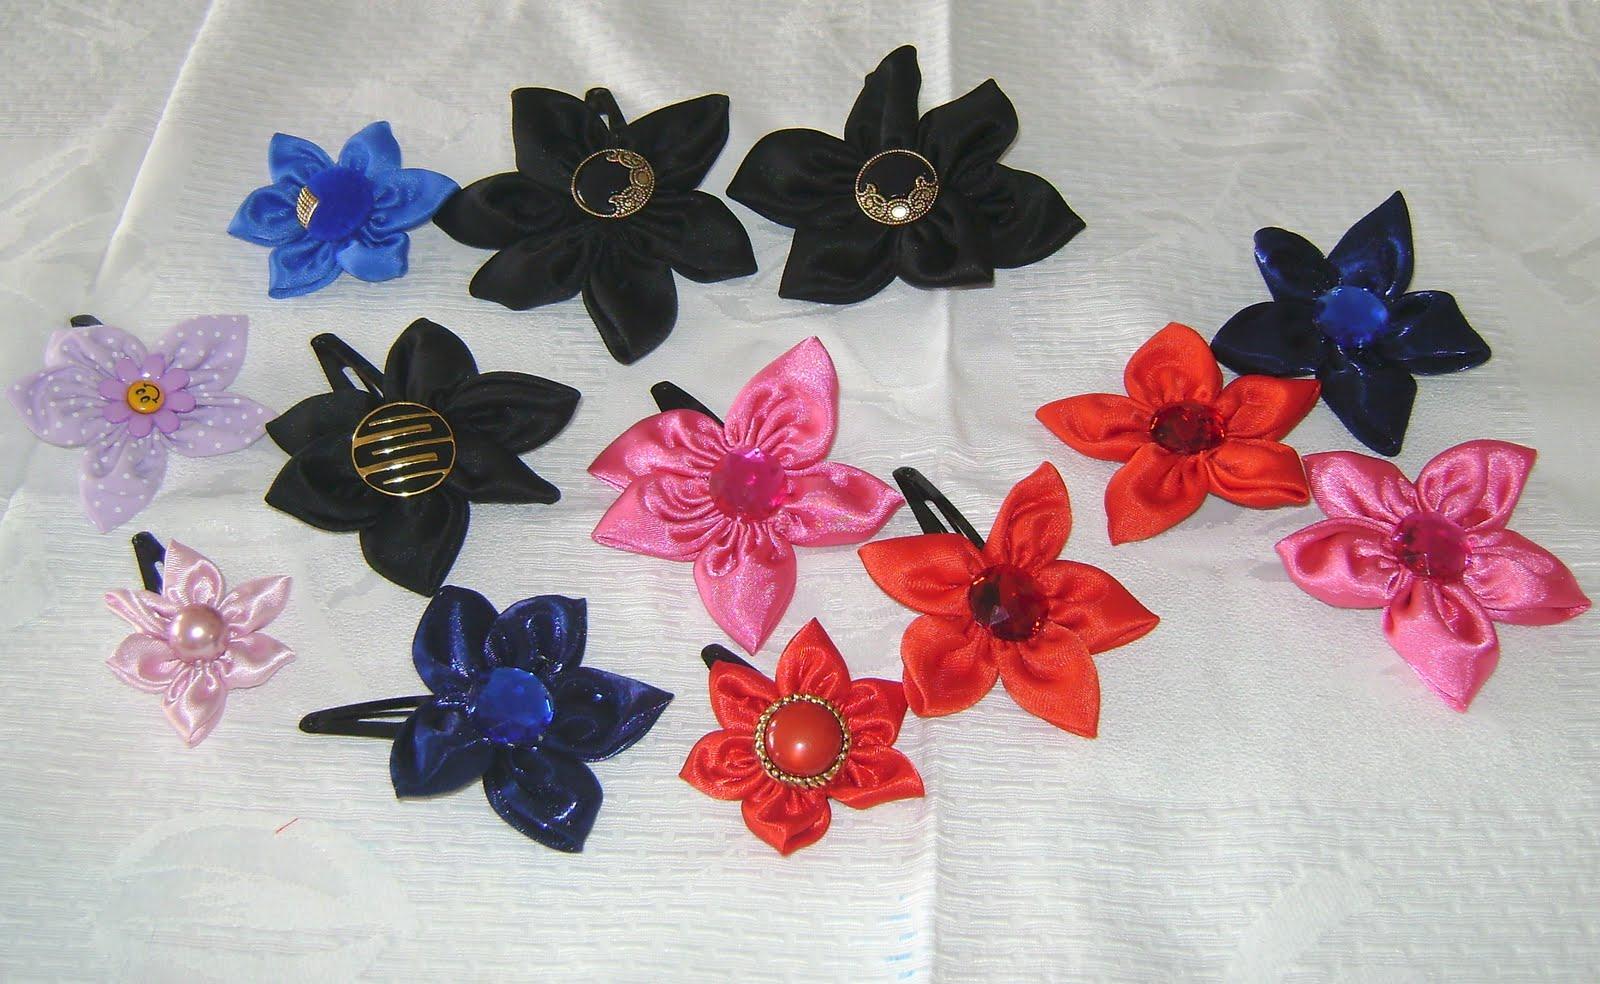 http://3.bp.blogspot.com/_UG3IfqLXa68/TKNUfVKMPPI/AAAAAAAAAlQ/ZmVrWru5B1E/s1600/artesanatos+1+003.jpg